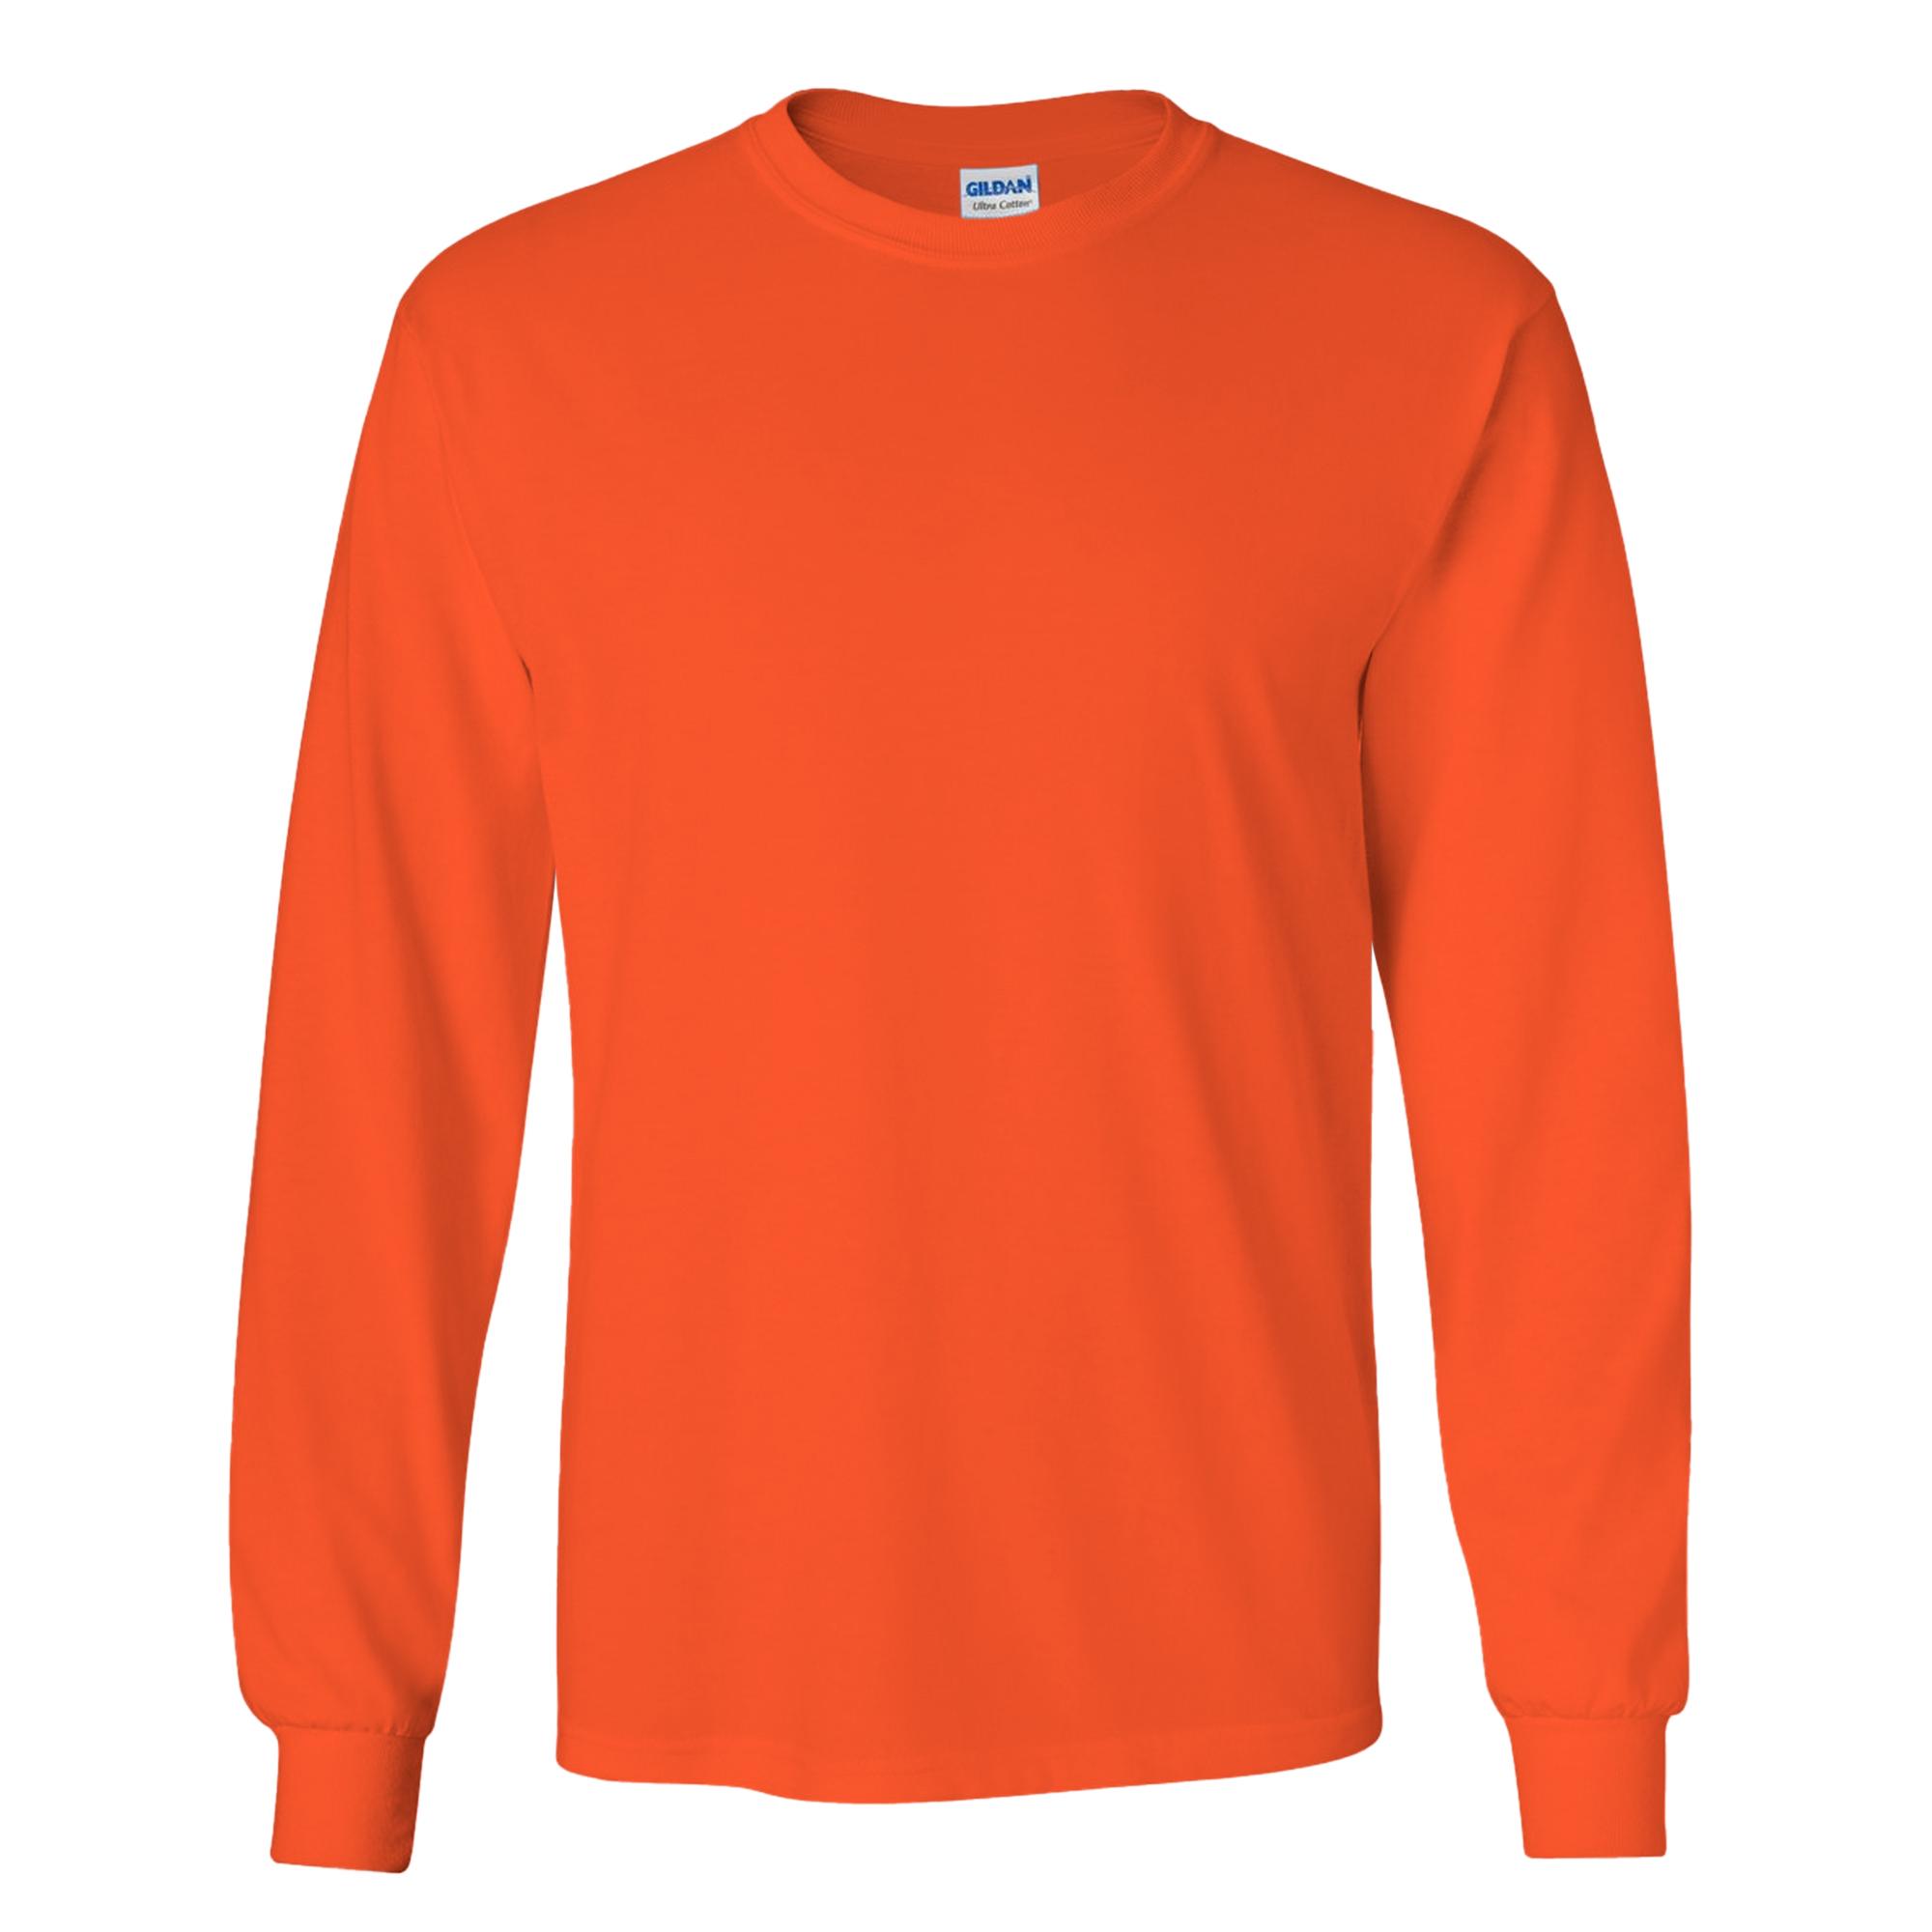 miniature 88 - T-shirt-uni-a-manches-longues-Gildan-100-coton-pour-homme-S-2XL-BC477